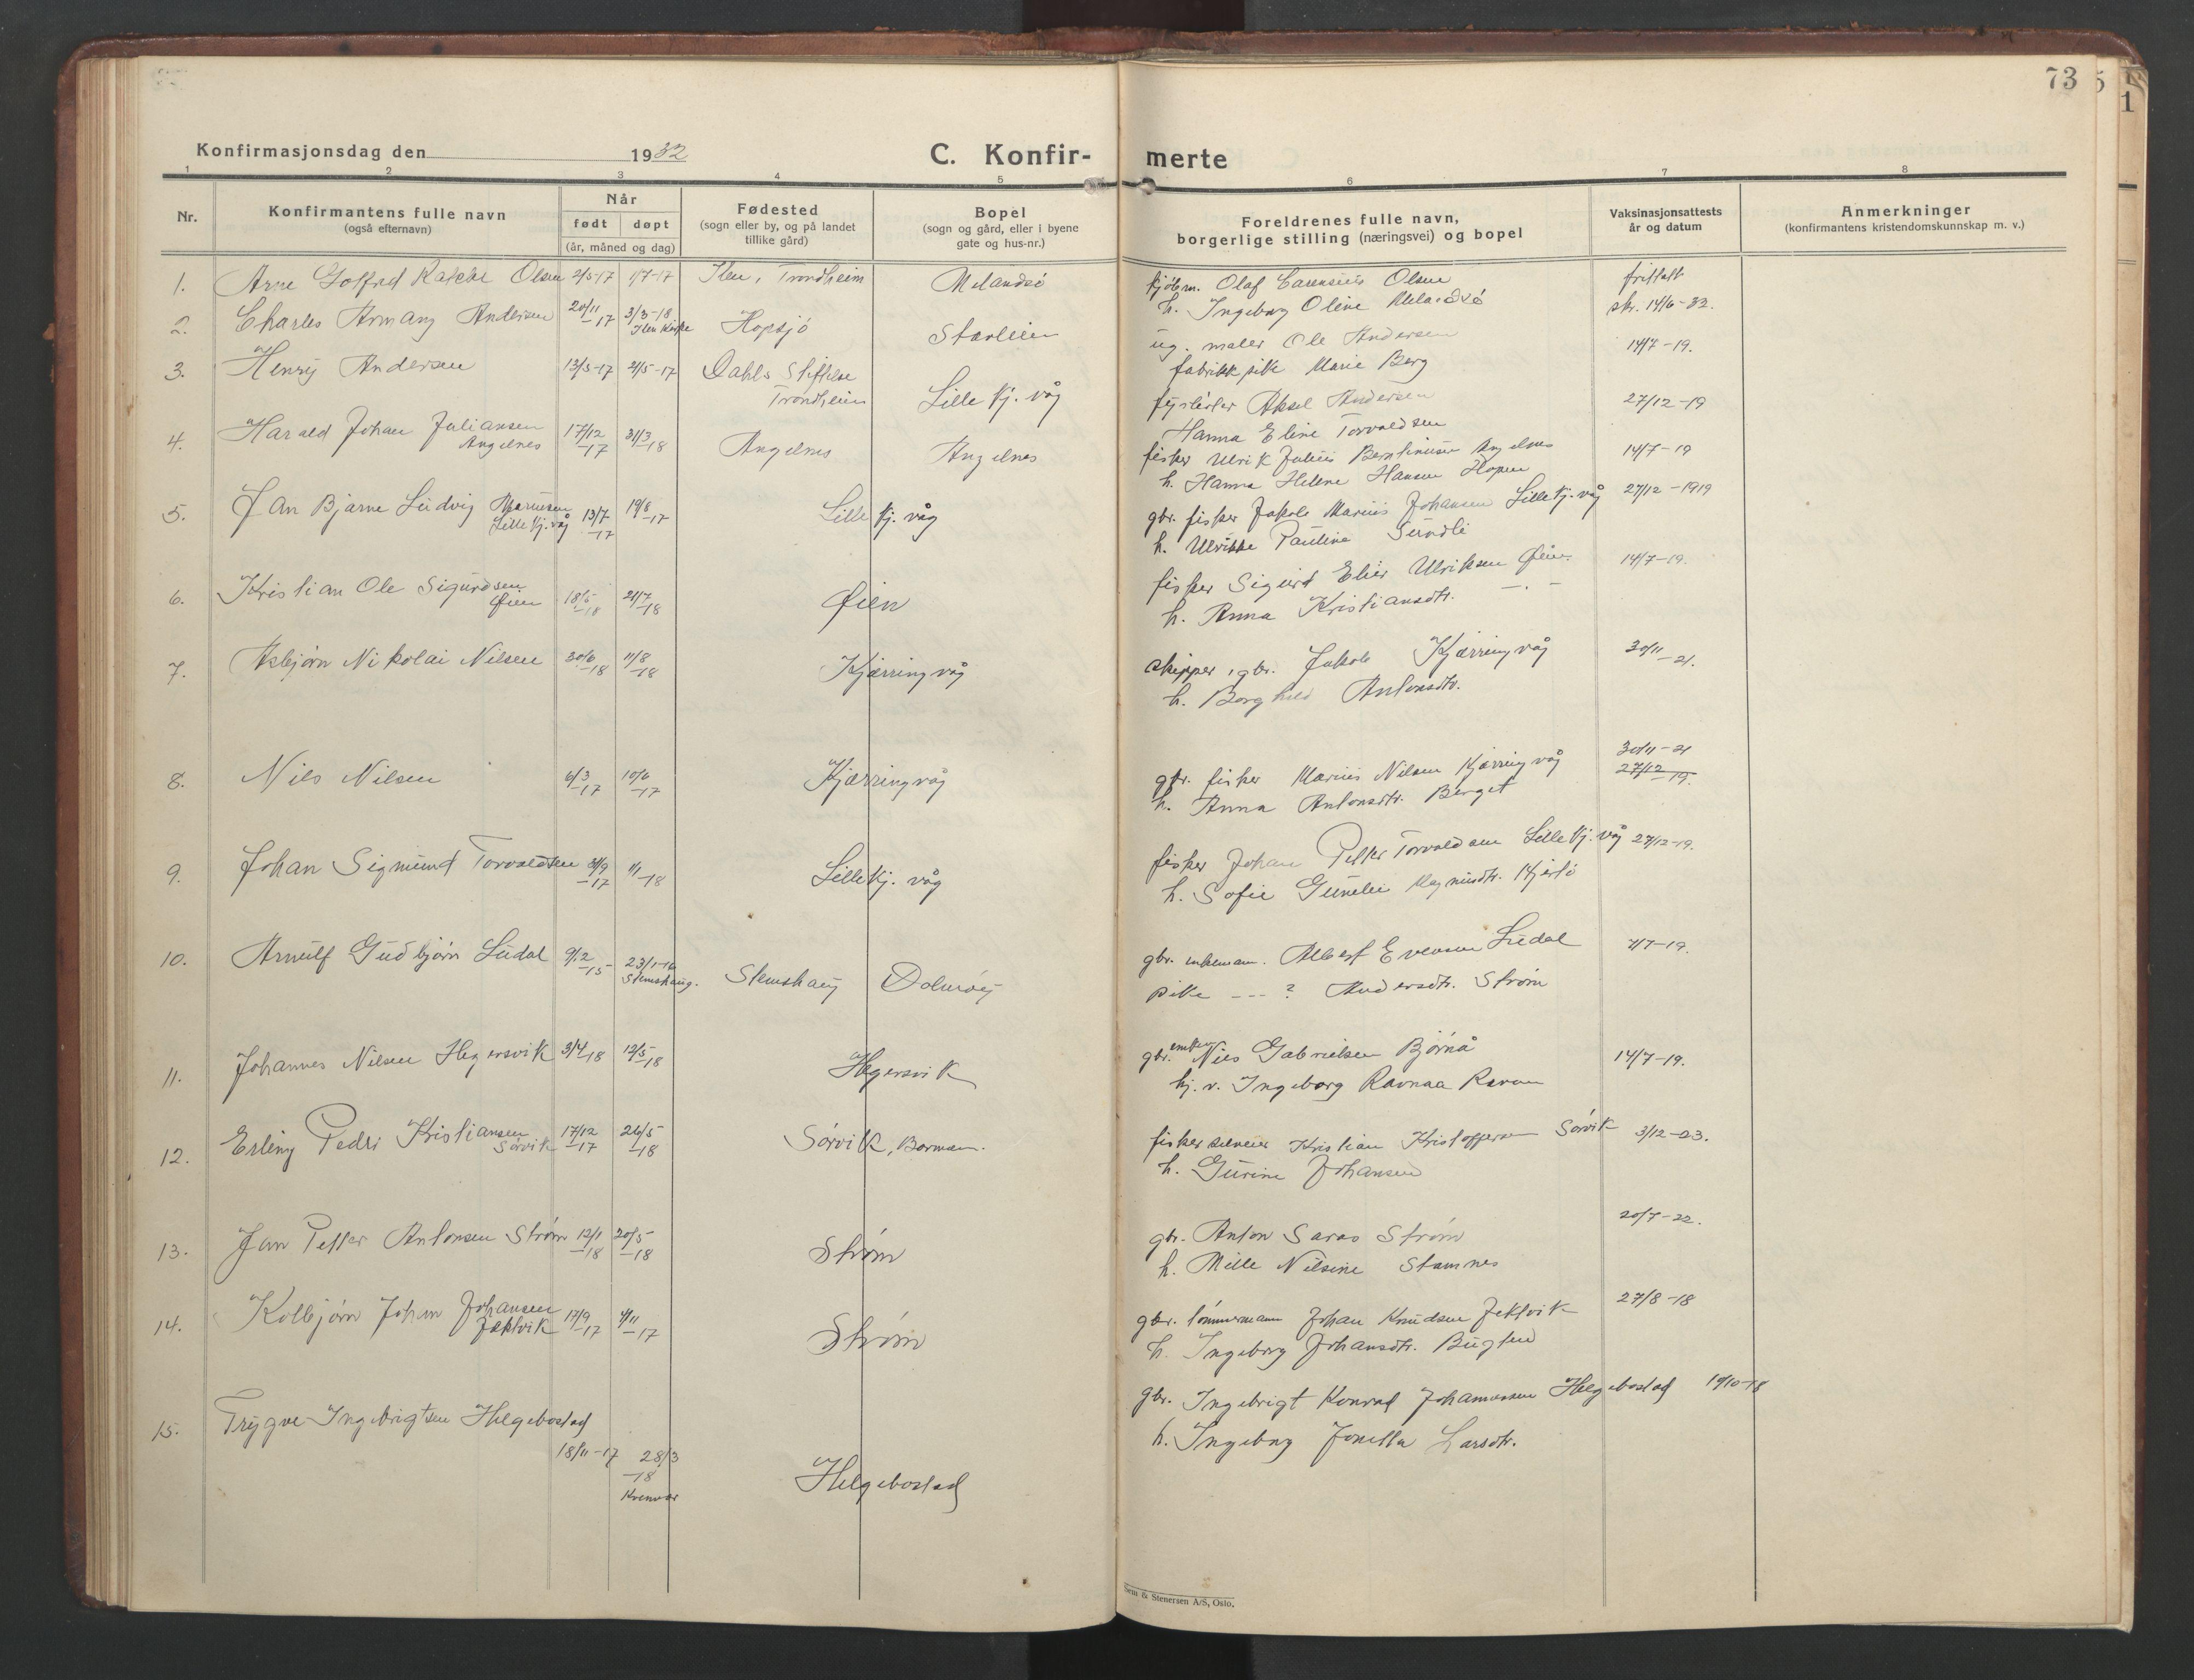 SAT, Ministerialprotokoller, klokkerbøker og fødselsregistre - Sør-Trøndelag, 634/L0544: Klokkerbok nr. 634C06, 1927-1948, s. 73